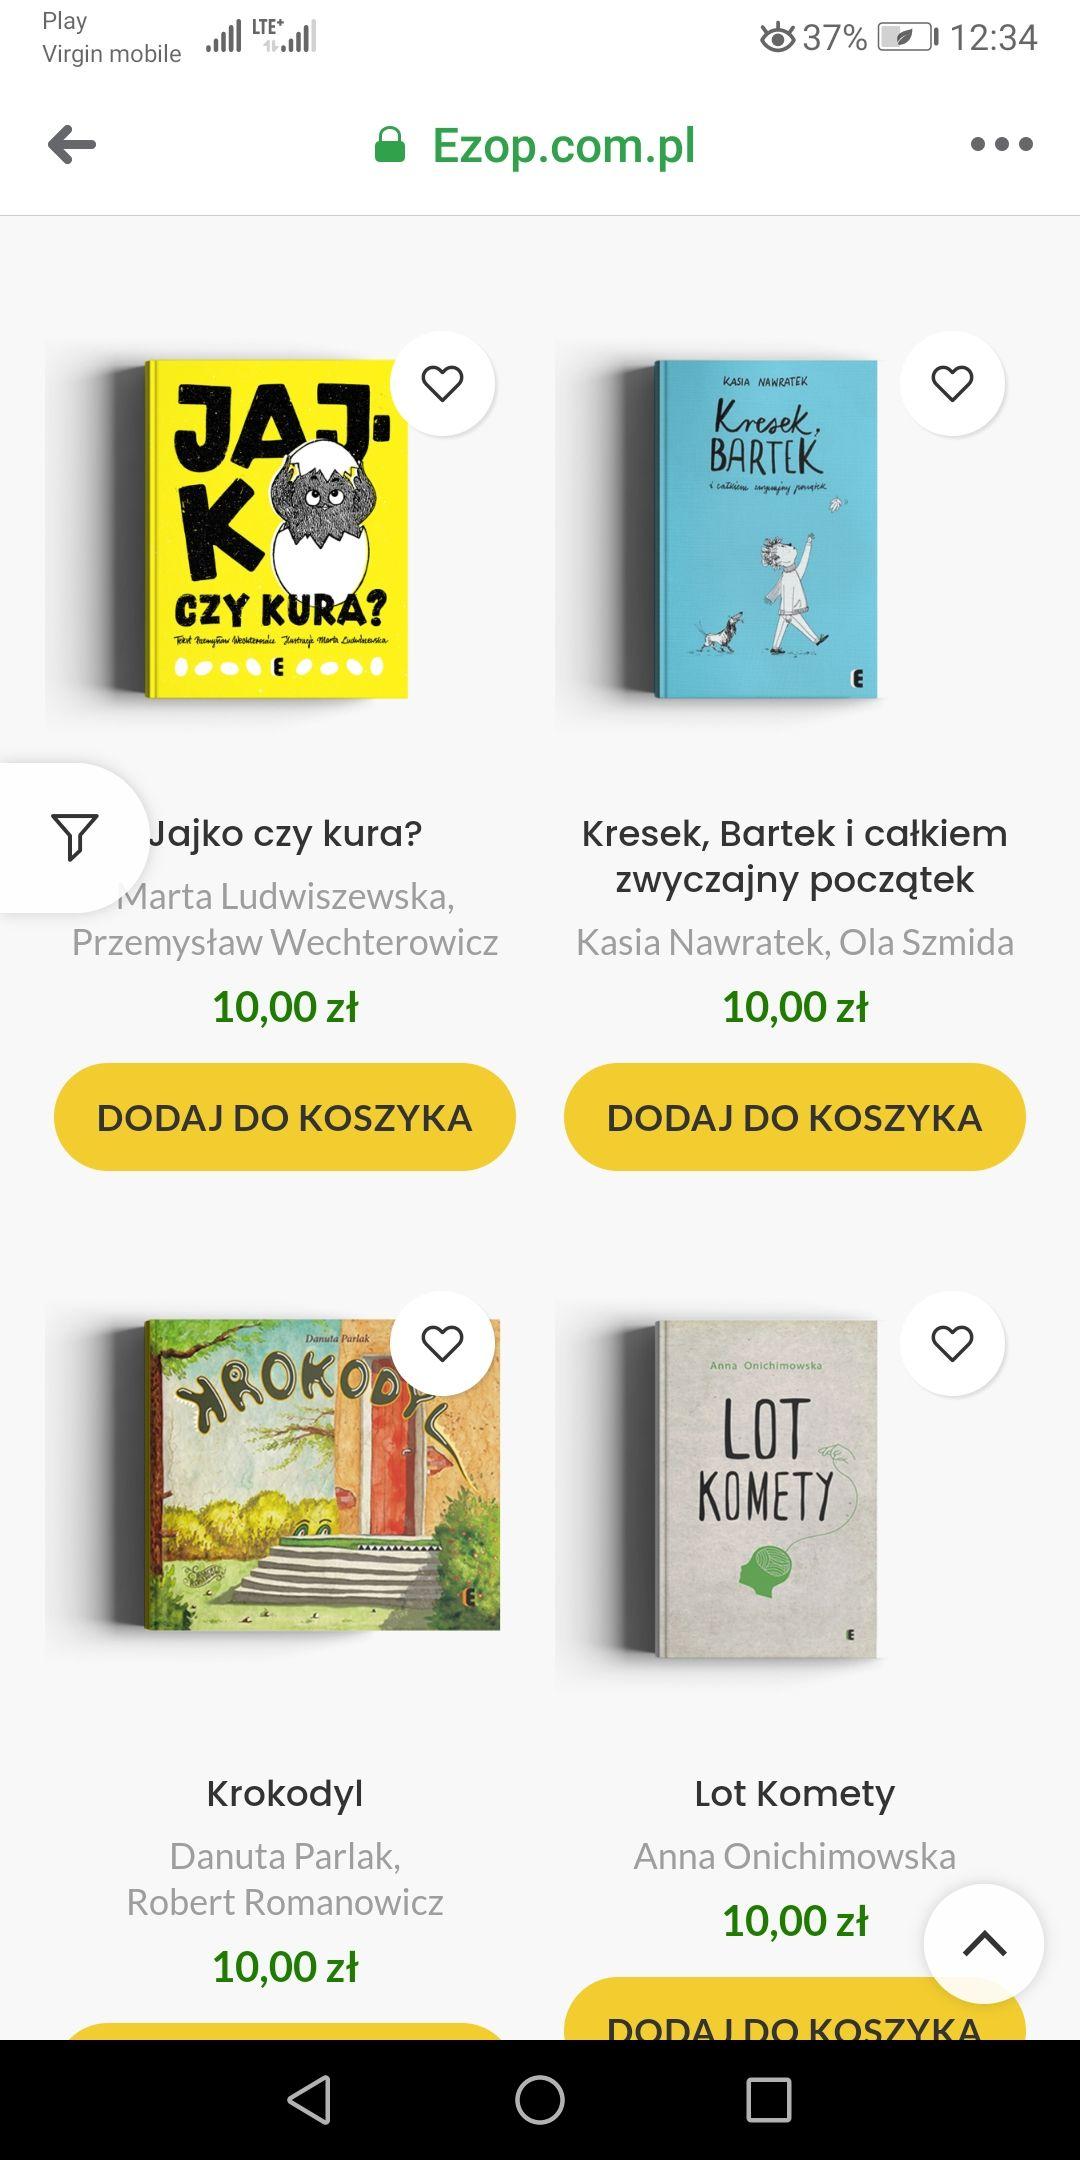 Książki po 10 zł za sztukę Eztop.com.pl